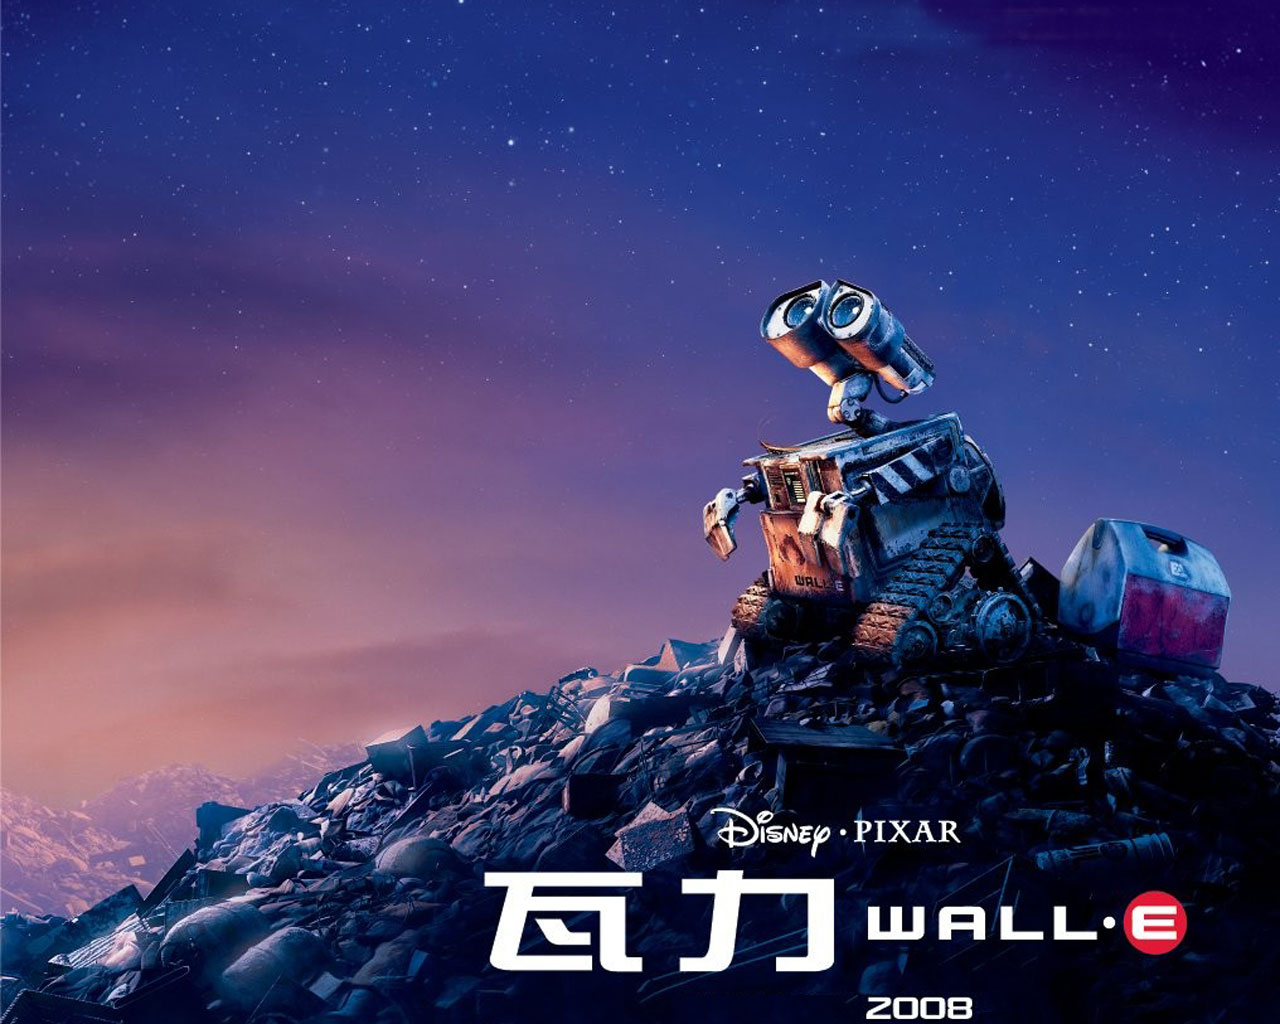 http://4.bp.blogspot.com/-eYx2-UtgZso/TZyoE8JiF7I/AAAAAAAAAAw/Glagn0w1sUY/s1600/wall-e-pixar-680809.jpeg